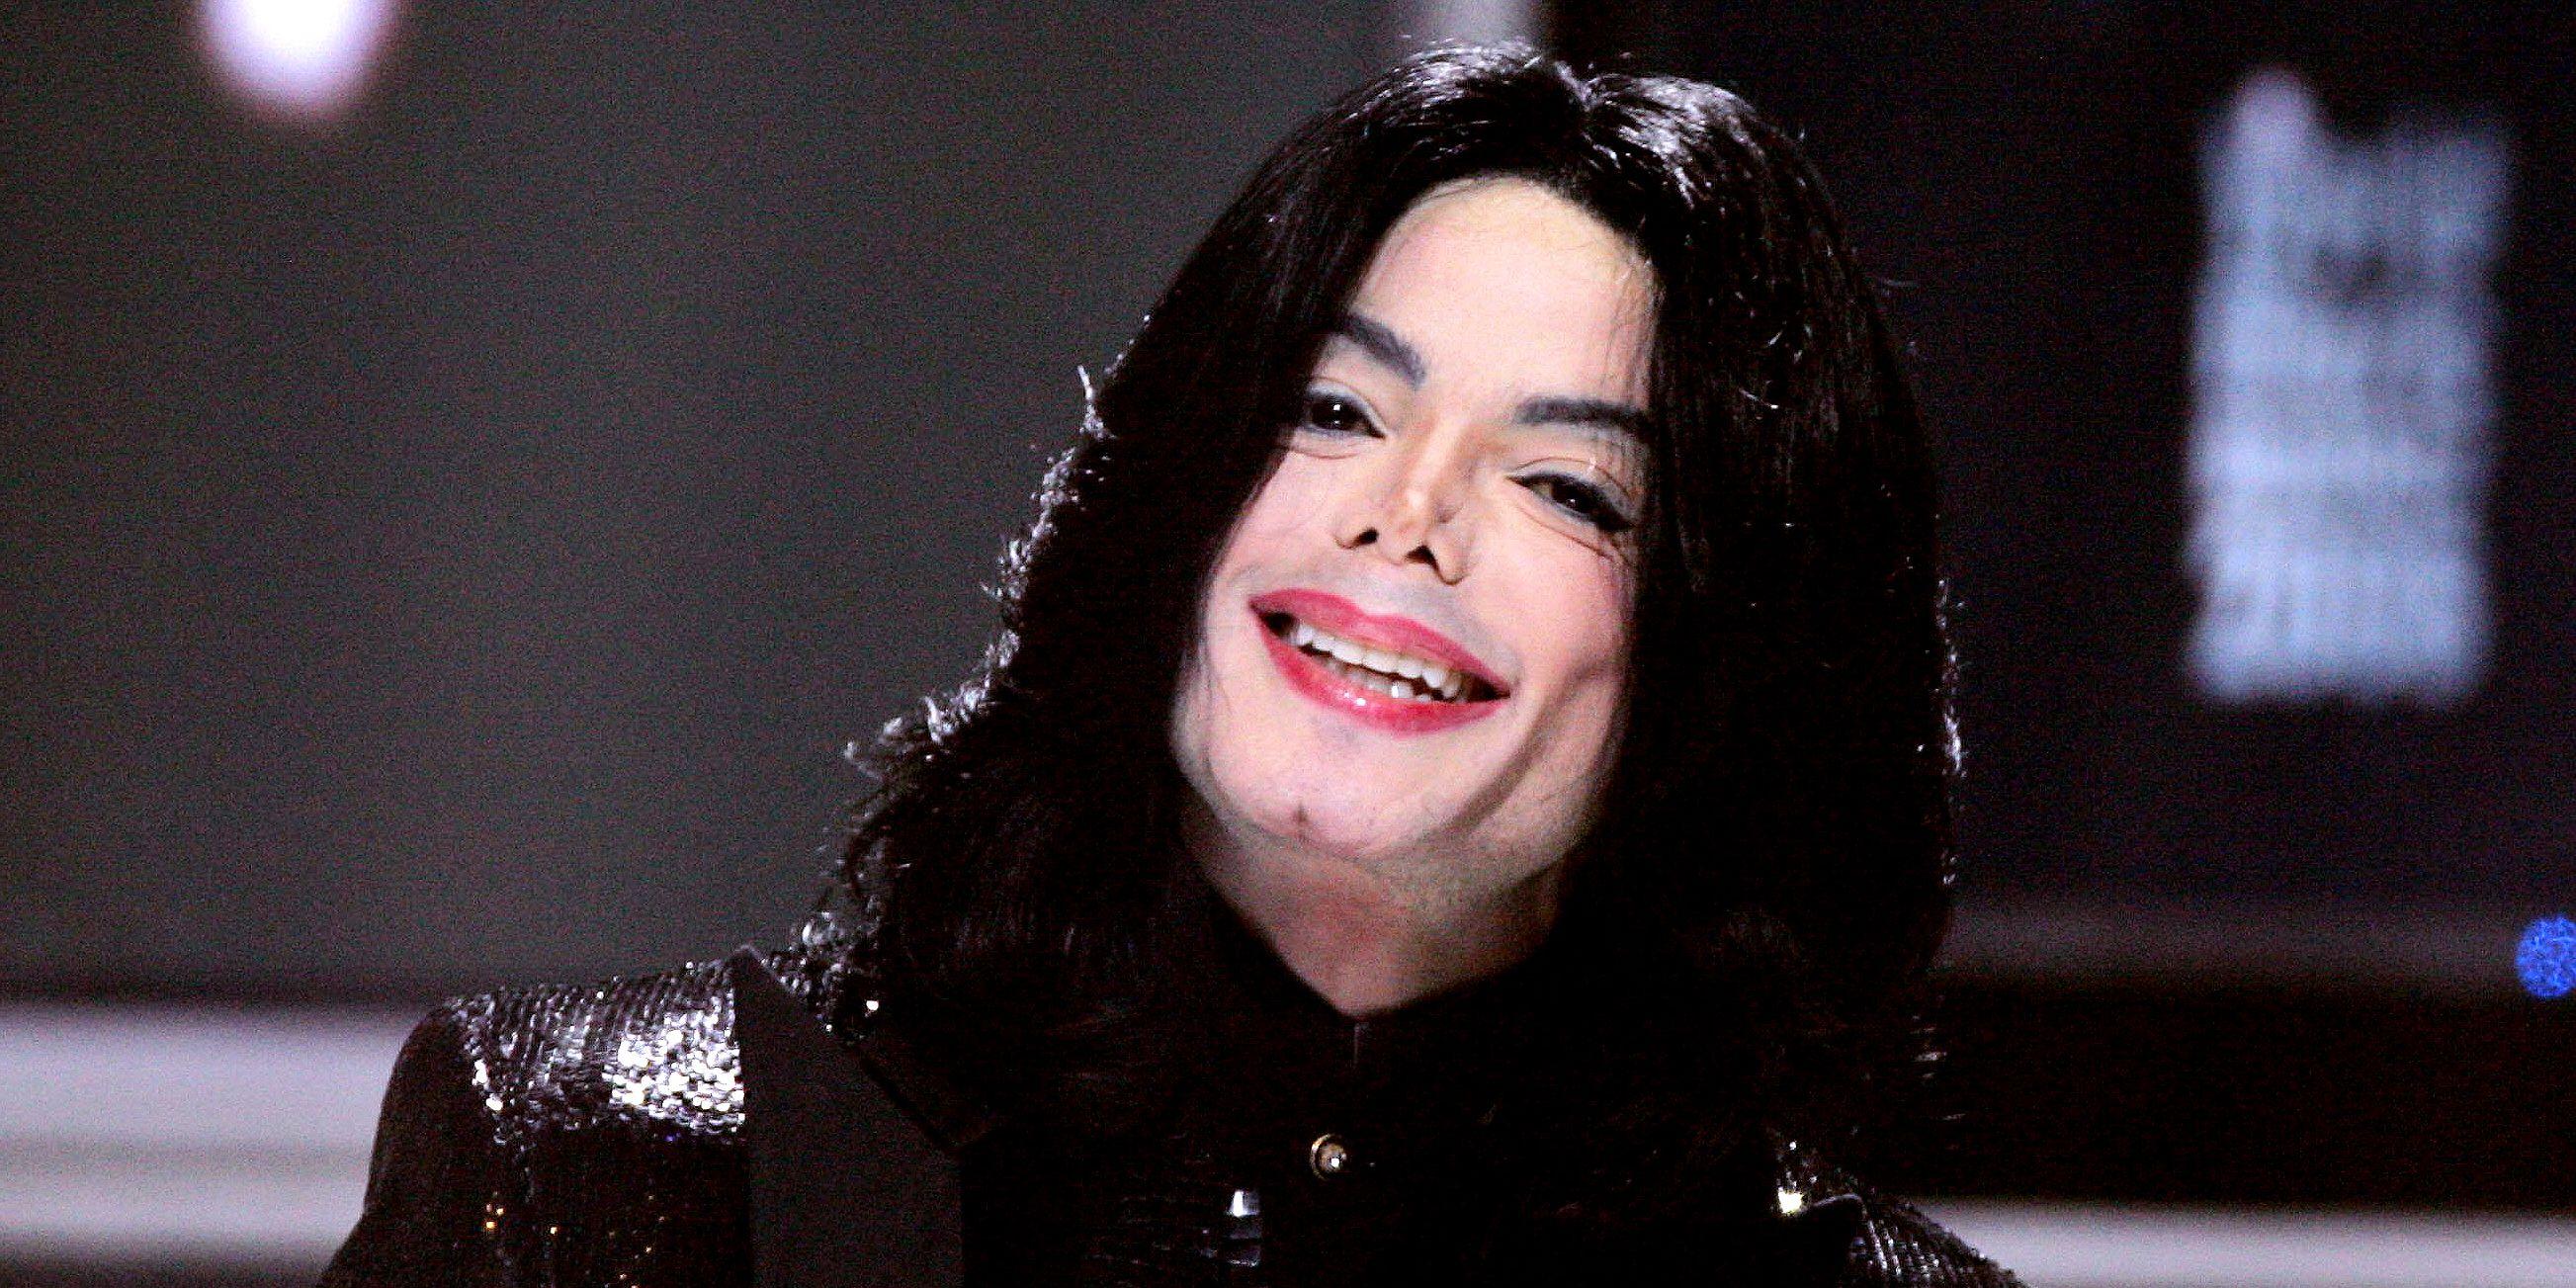 Αποτέλεσμα εικόνας για Michael Jackson